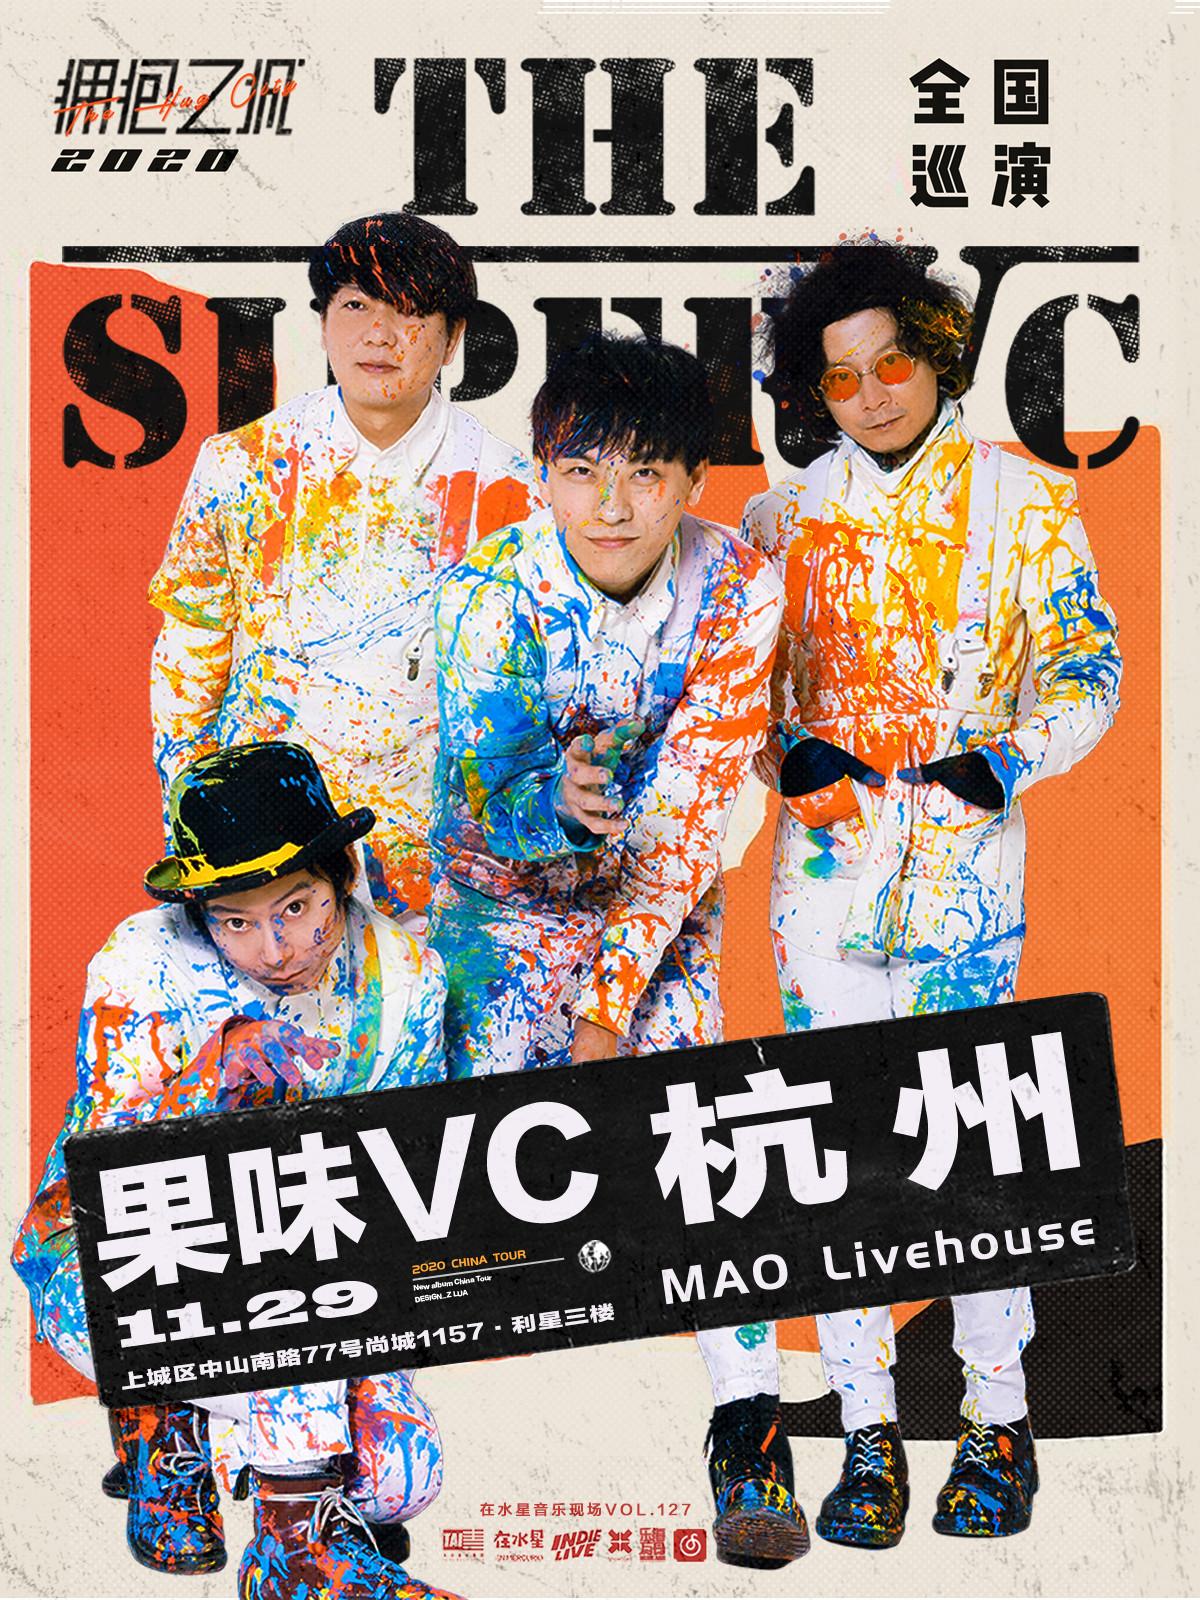 果味VC 2020『拥抱之城』巡演 杭州站